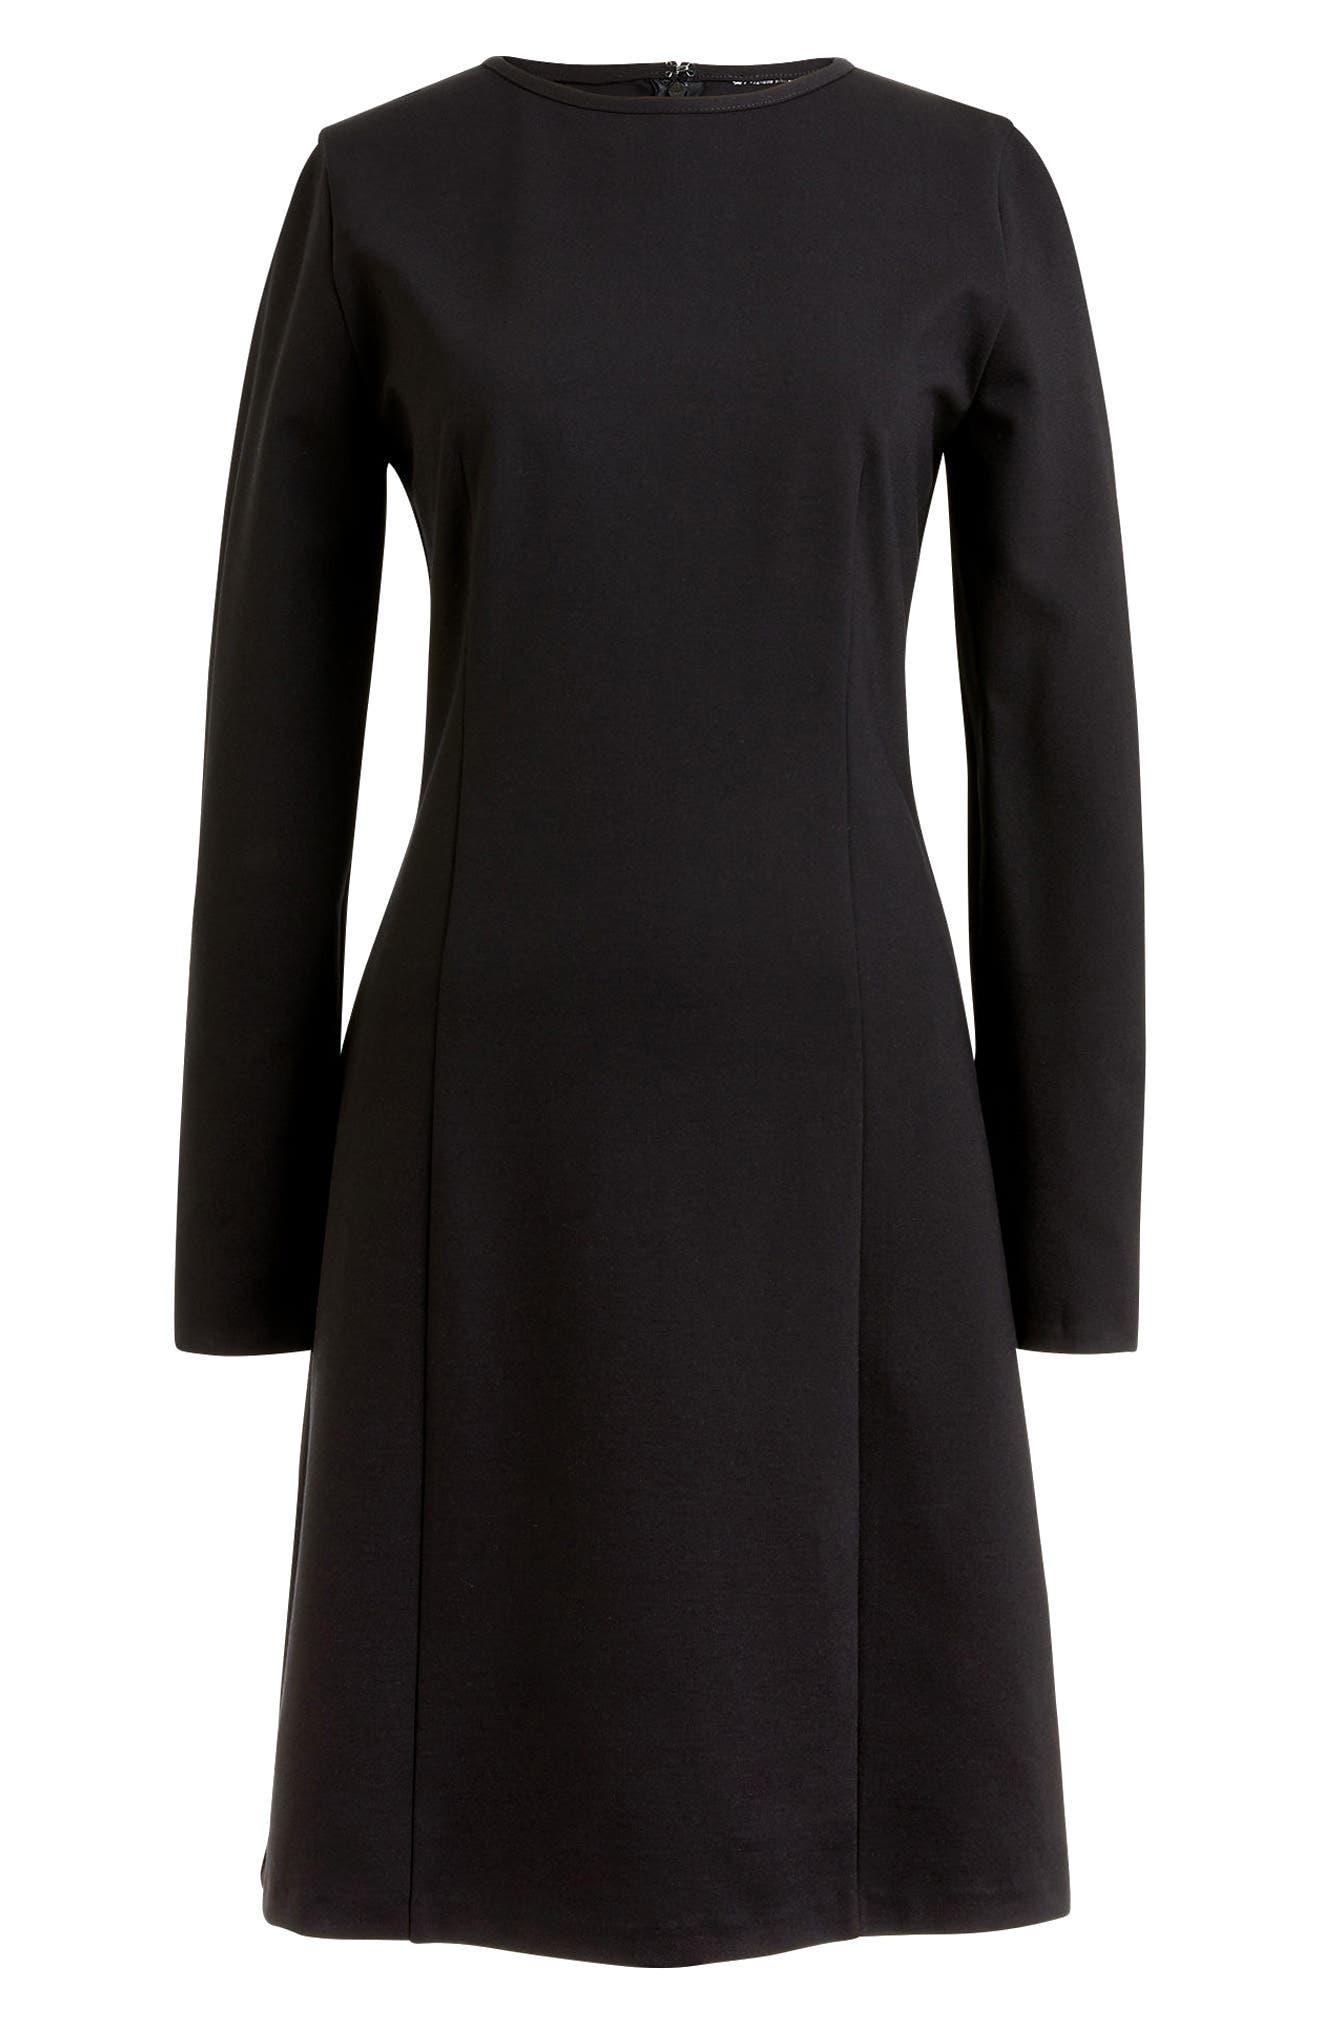 J.Crew Storm Ponte Knit Dress,                         Main,                         color, Black